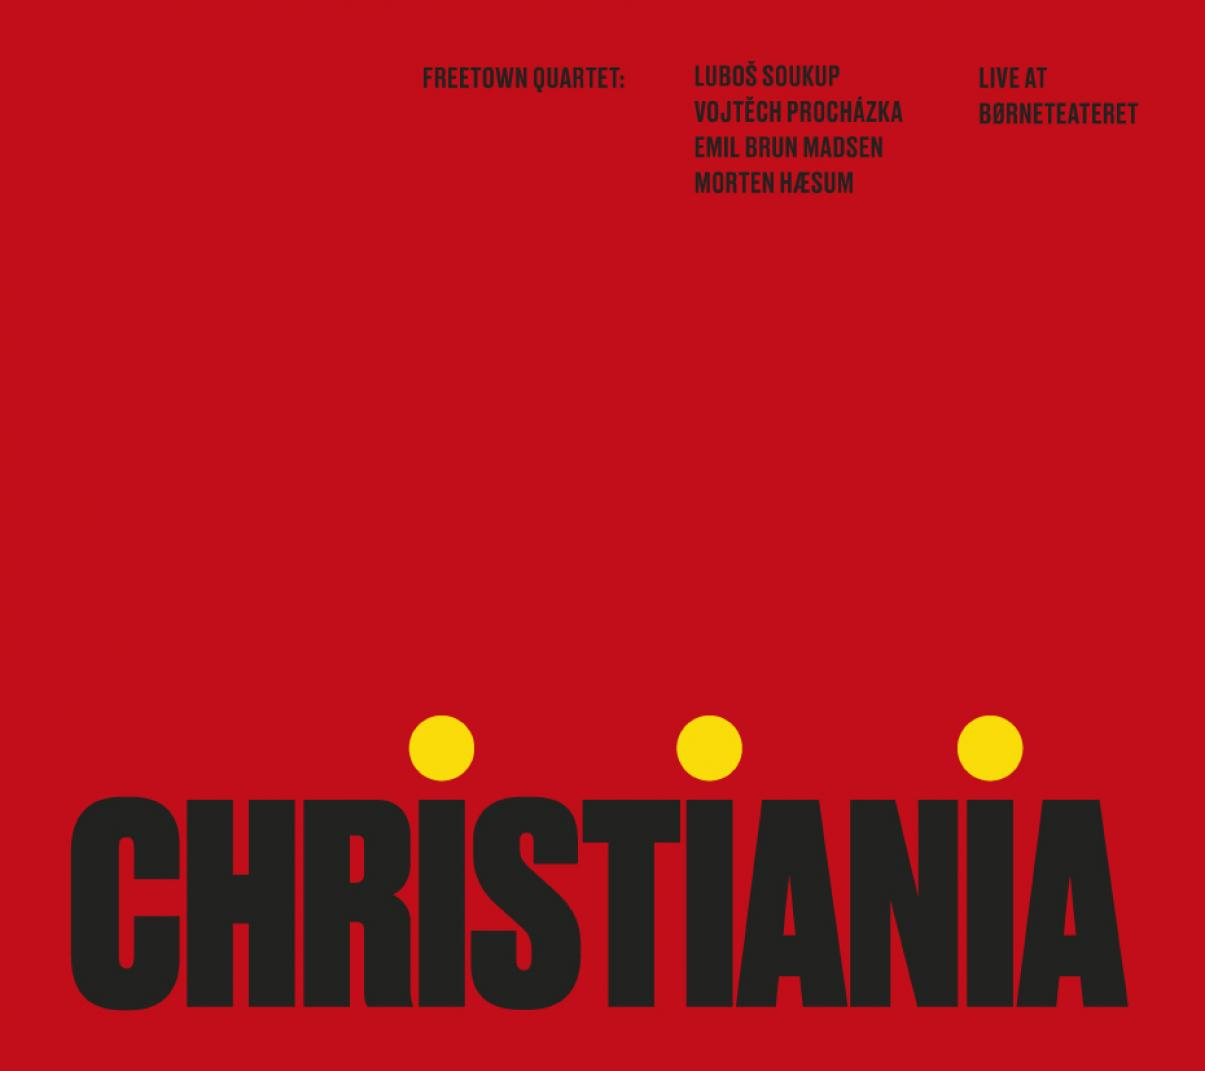 Freetown Quartet: Christiania: Live at Børneteateret